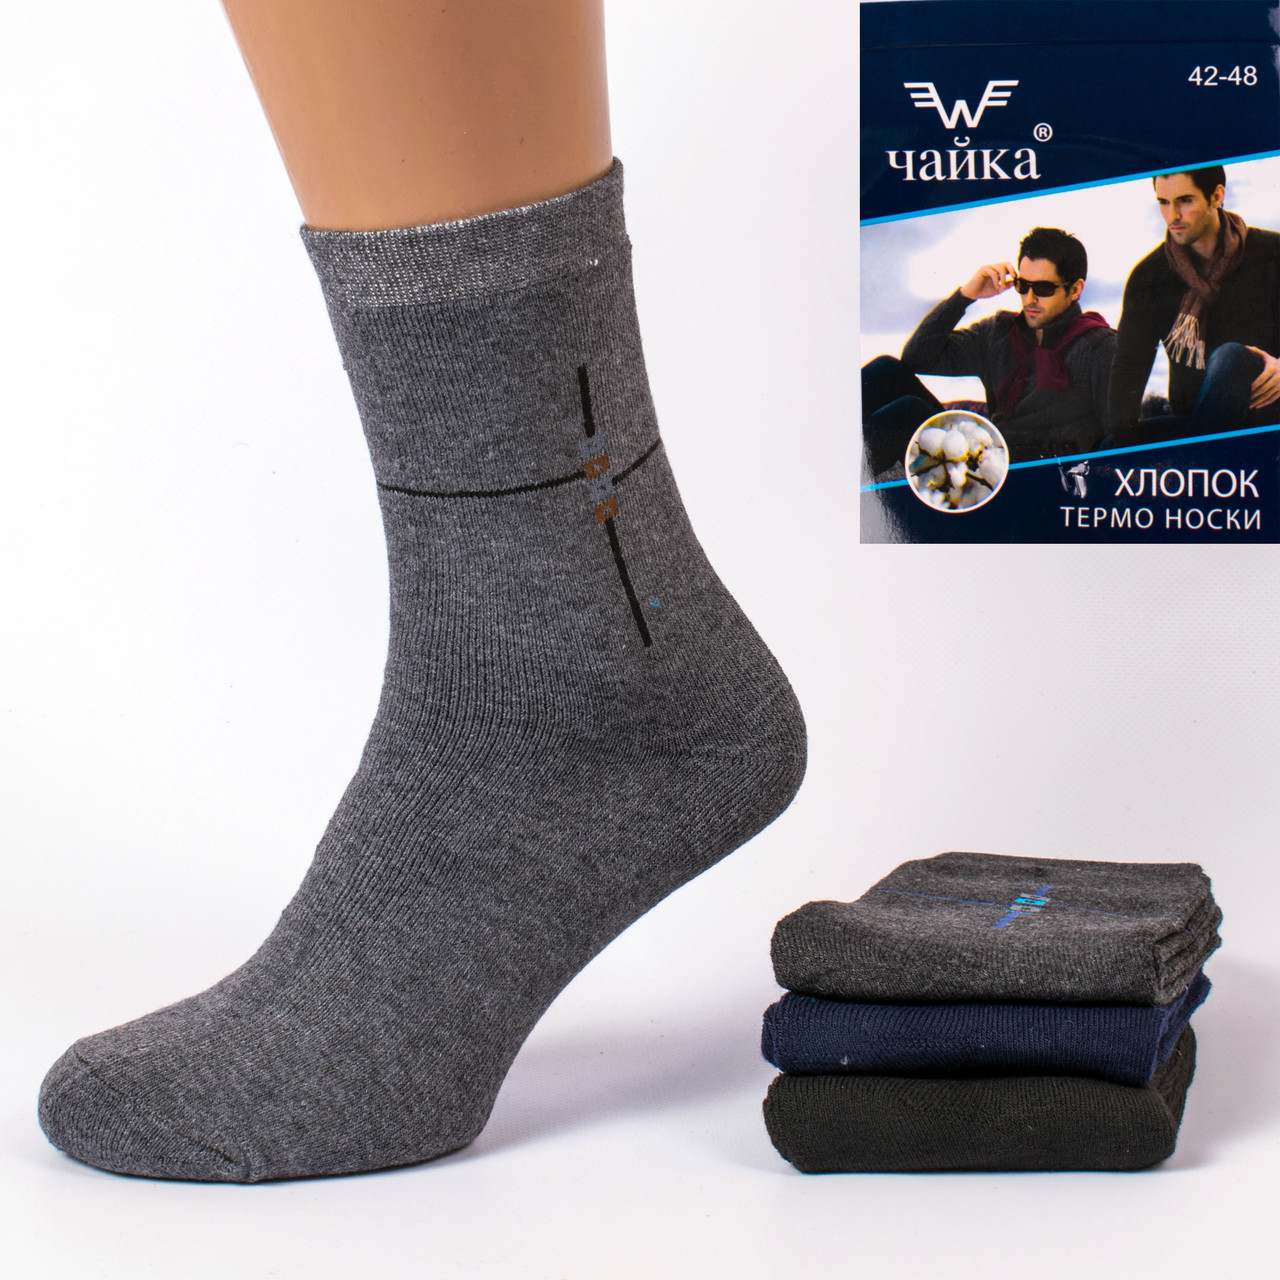 bfe63397eafa0 Махровые мужские носки Чайка А842. В упаковке 12 пар - купить по ...